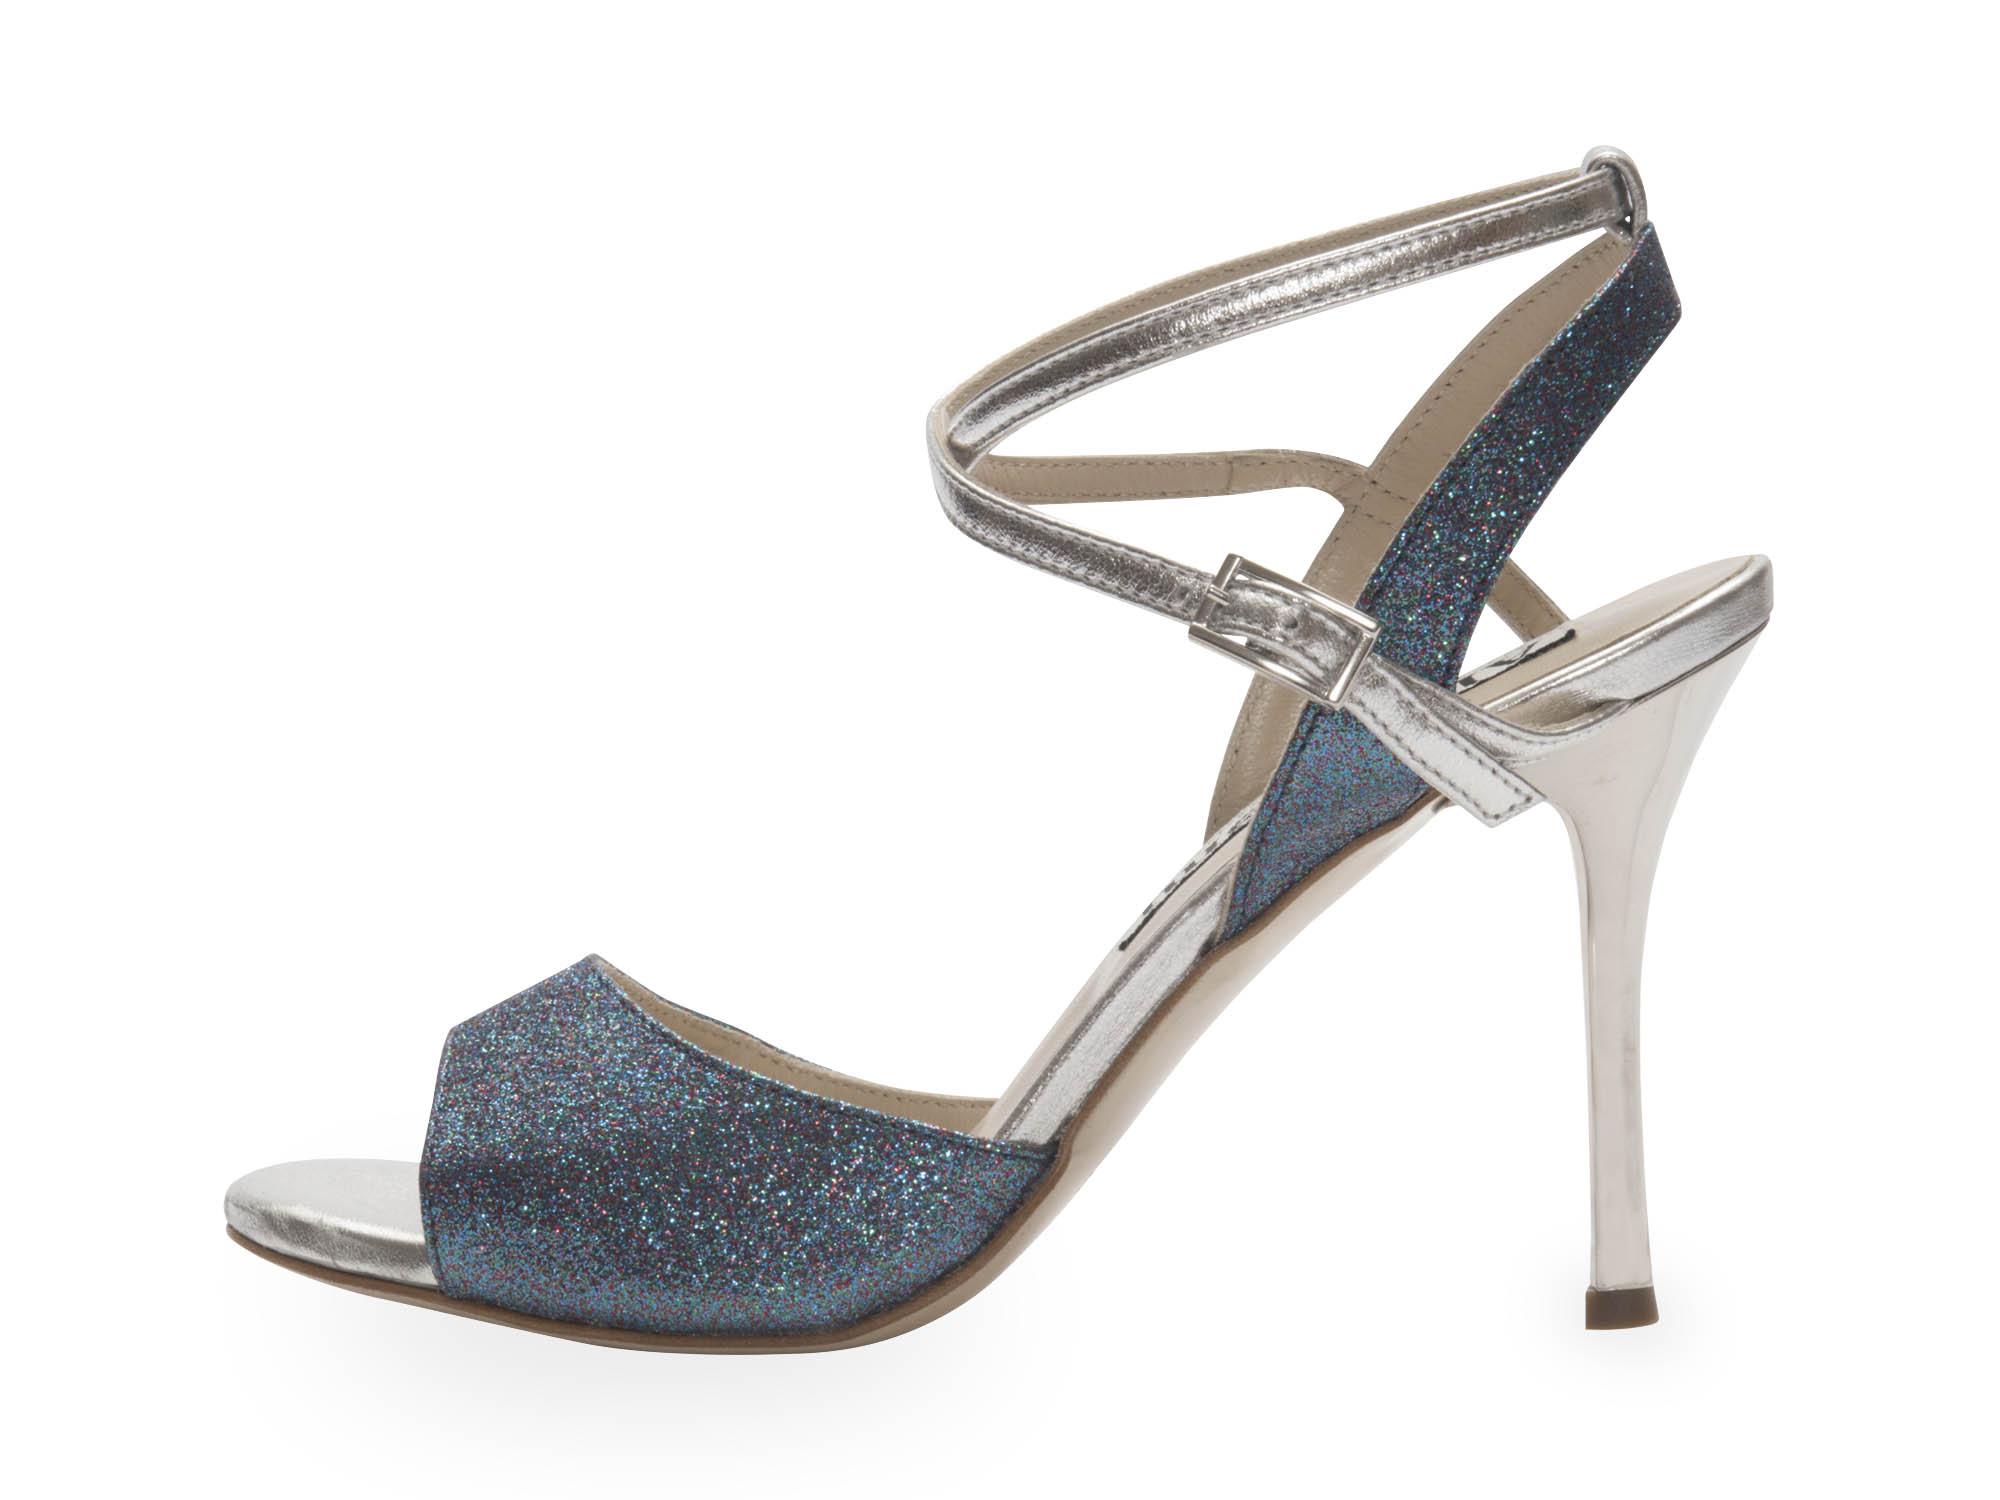 Maia Double Strap Blue Multi Colour Glitter and Silver metallic Leather